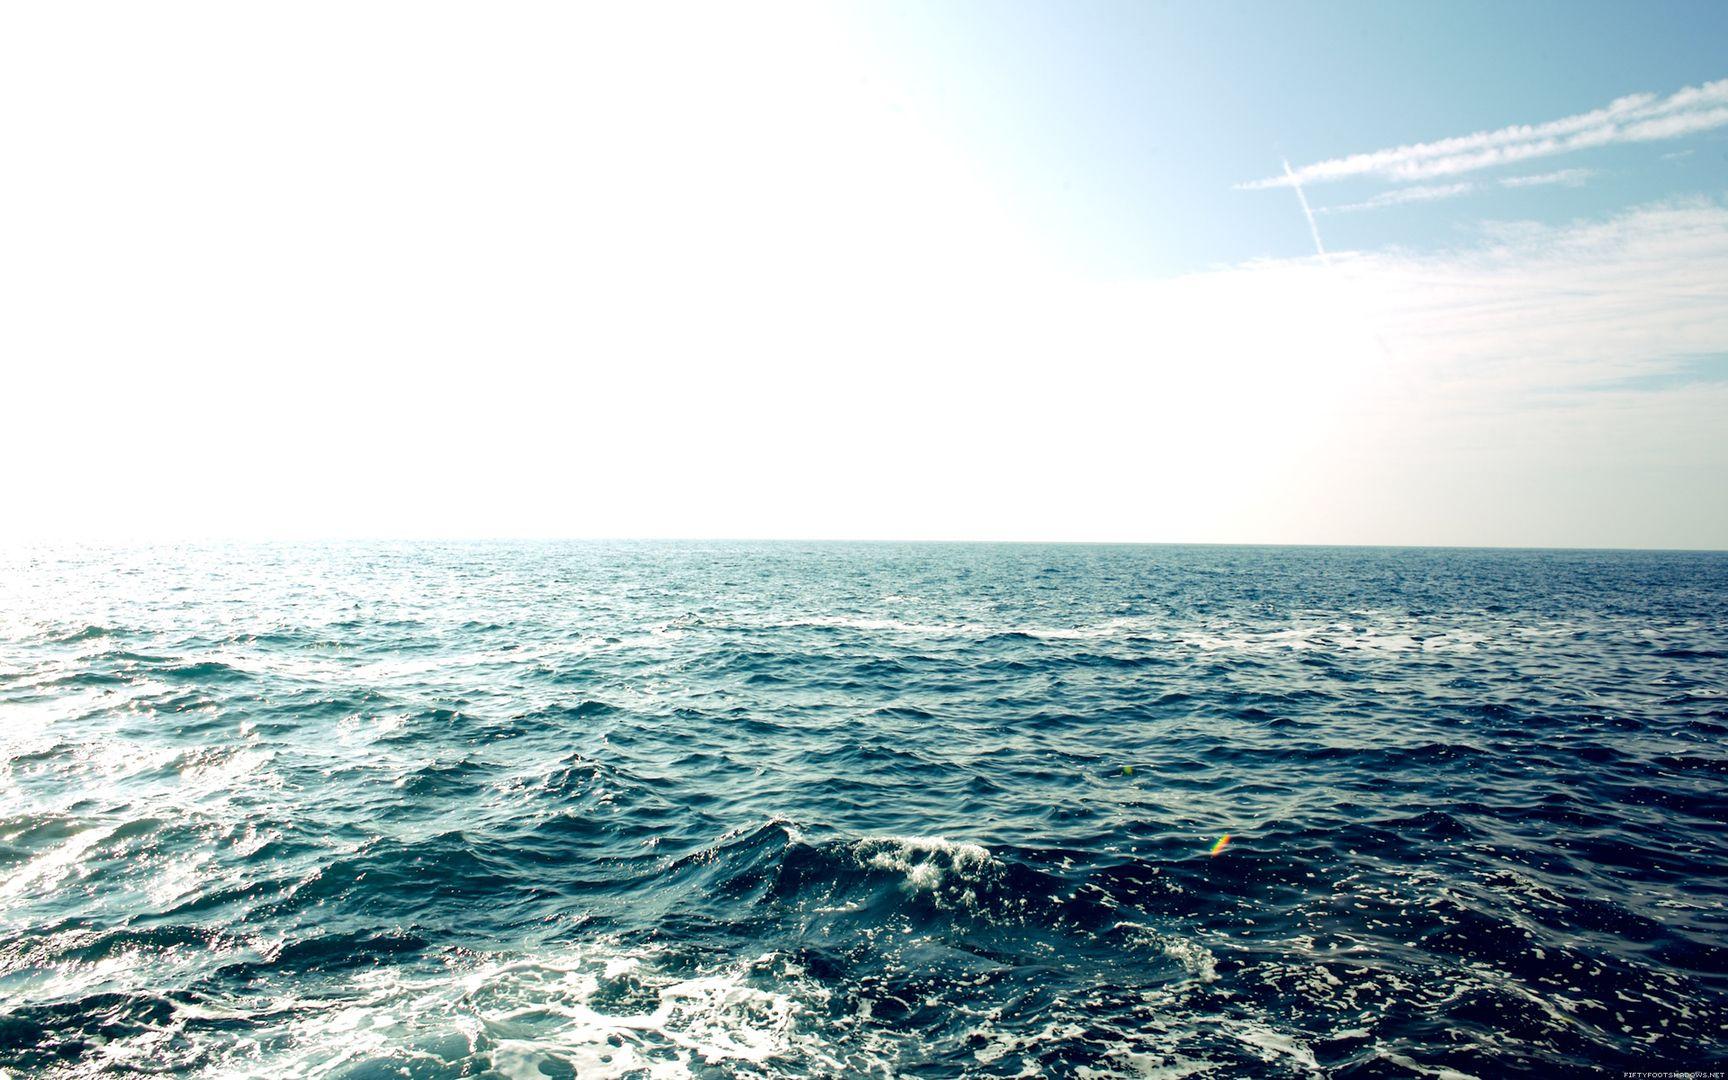 Iphone wallpaper tumblr ocean - Wallpaper Tumblr Hd Ocean Wallpaper Tumblr Wallpaper Hd Wallpaper Wallpapers Pinterest Ocean Wallpaper